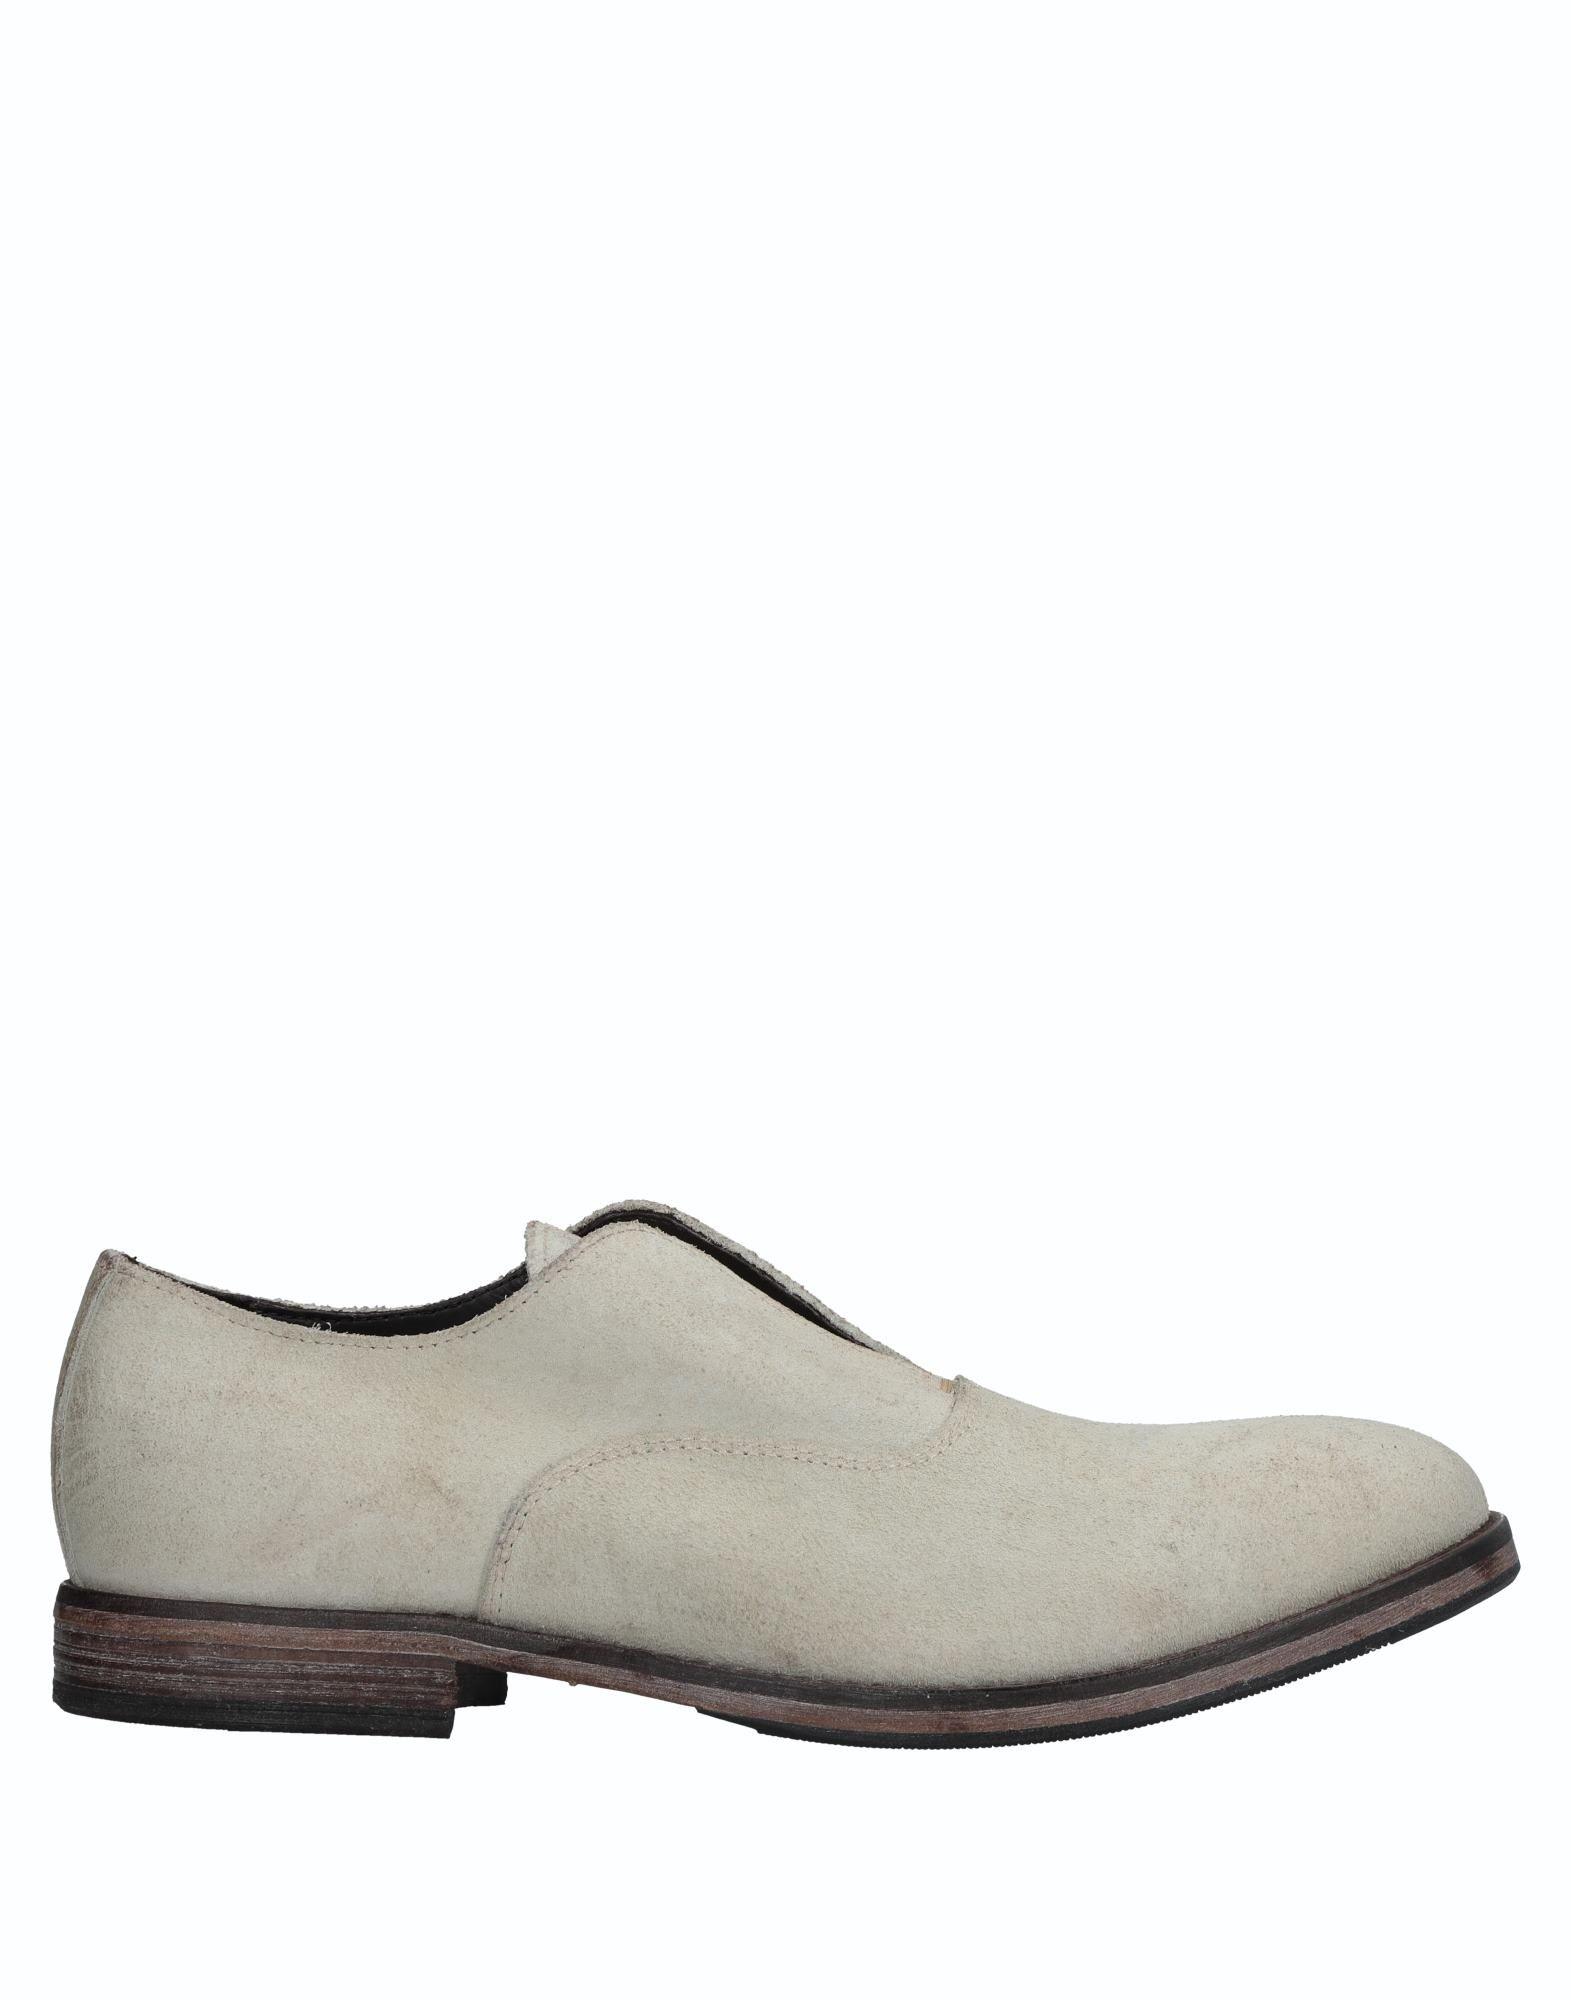 Moma Mokassins Herren  11518679PO Gute Qualität beliebte Schuhe